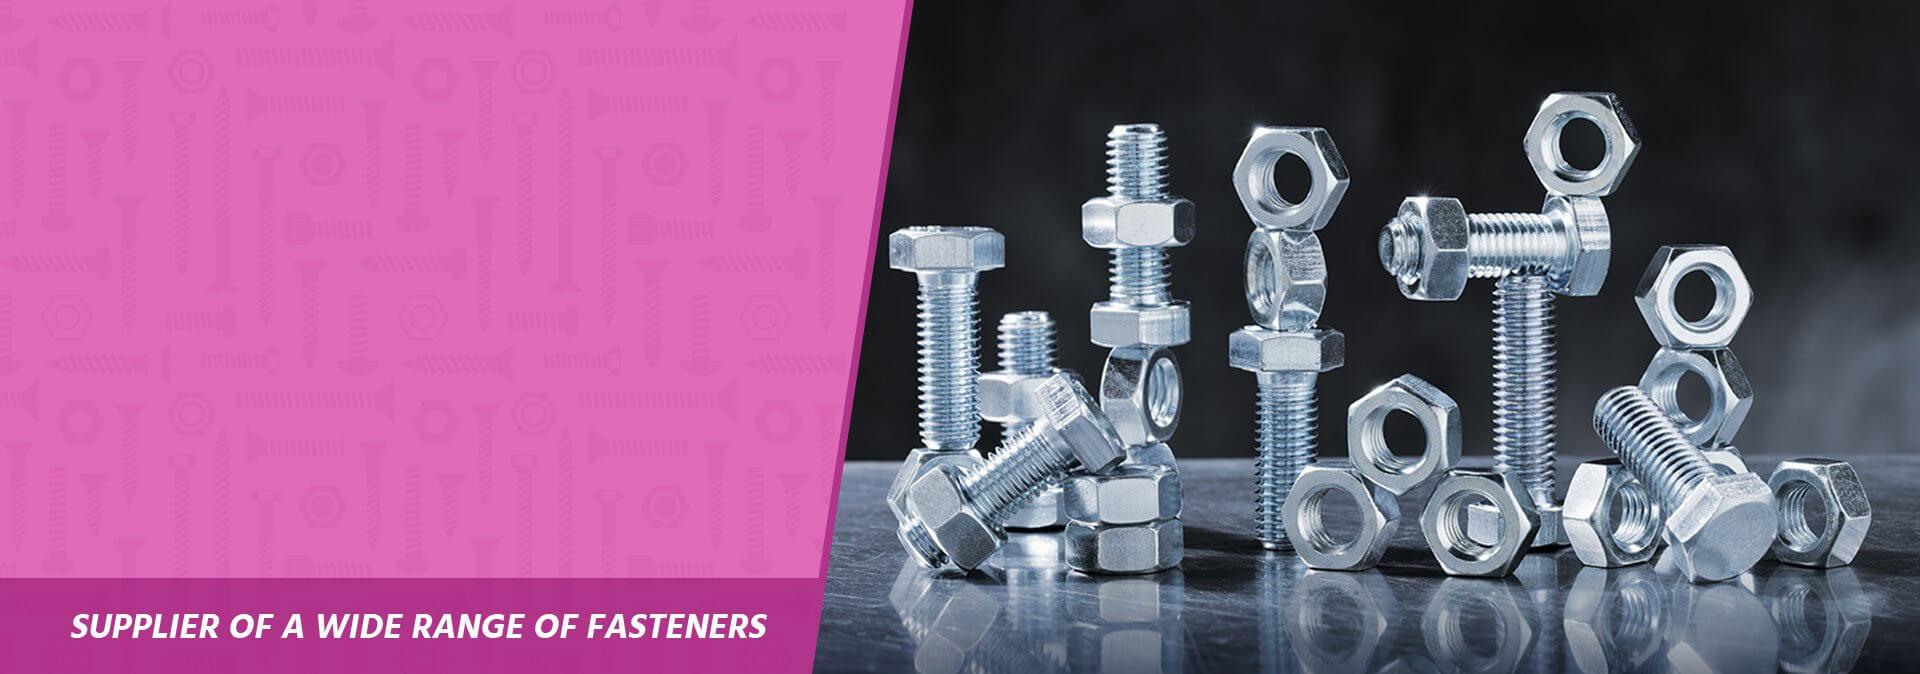 Fastener Supplier In Sydney - Online Store   LM Fasteners